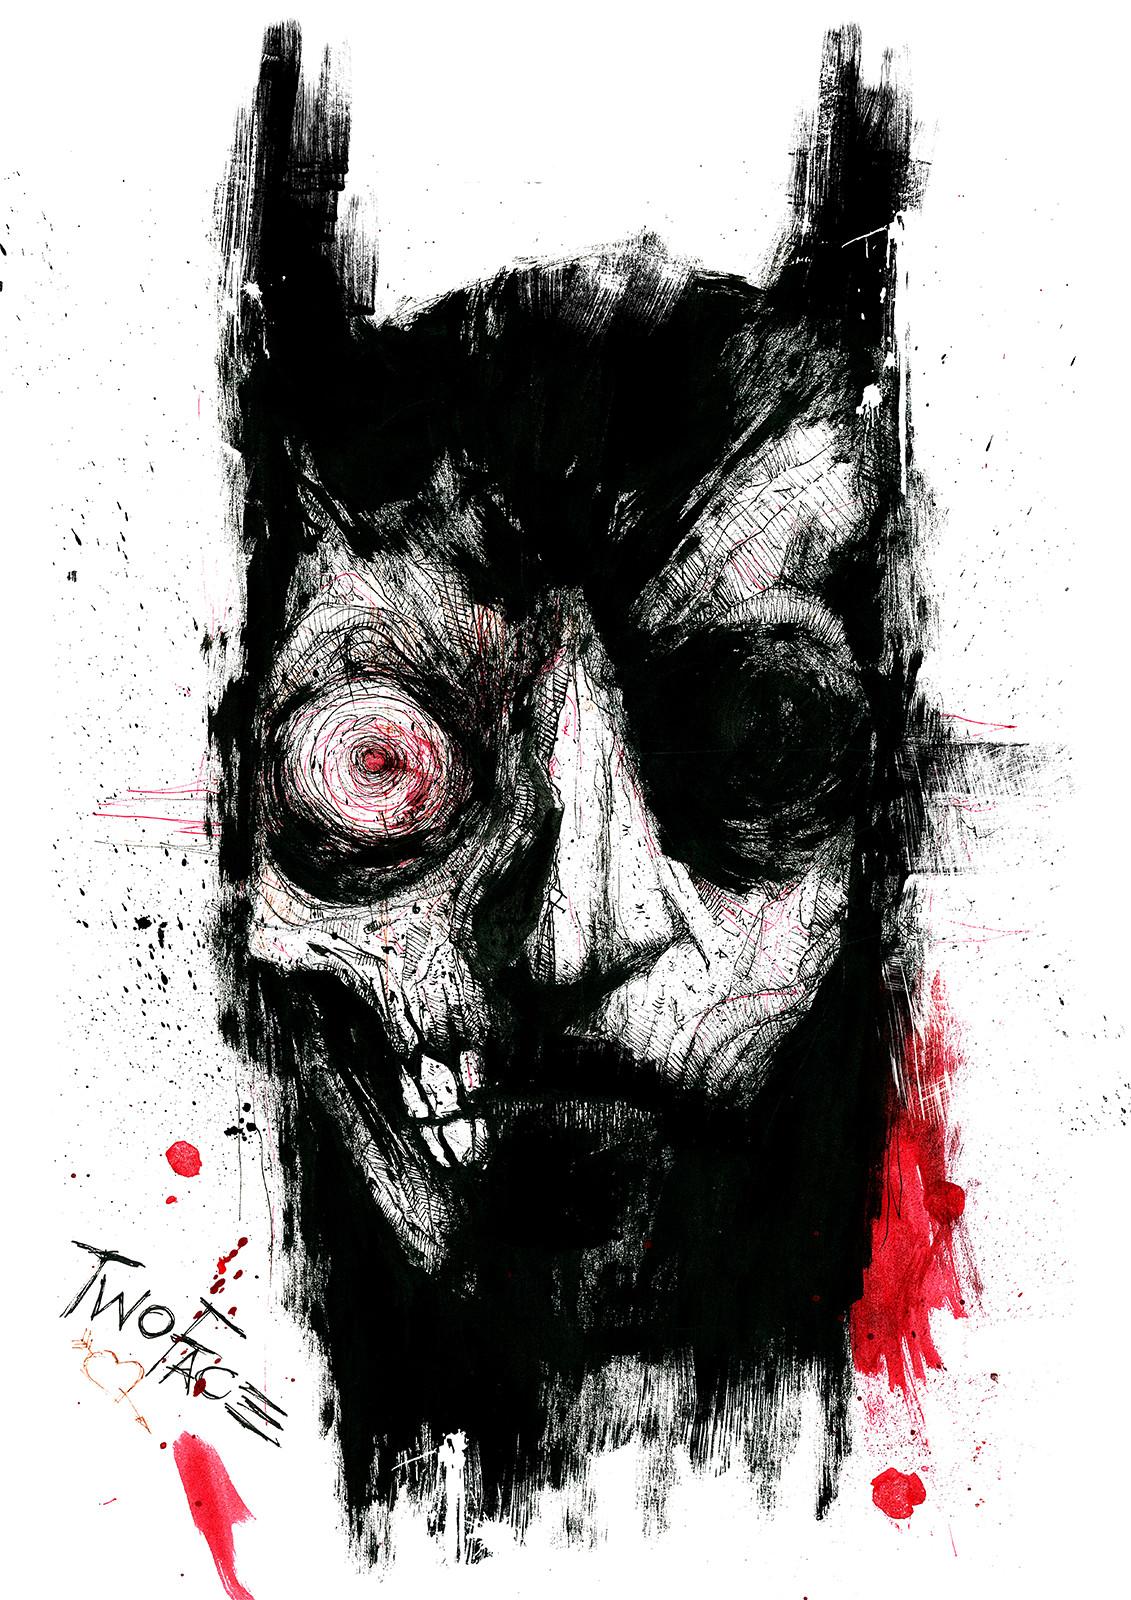 Manmachine interface batman vs twoface1